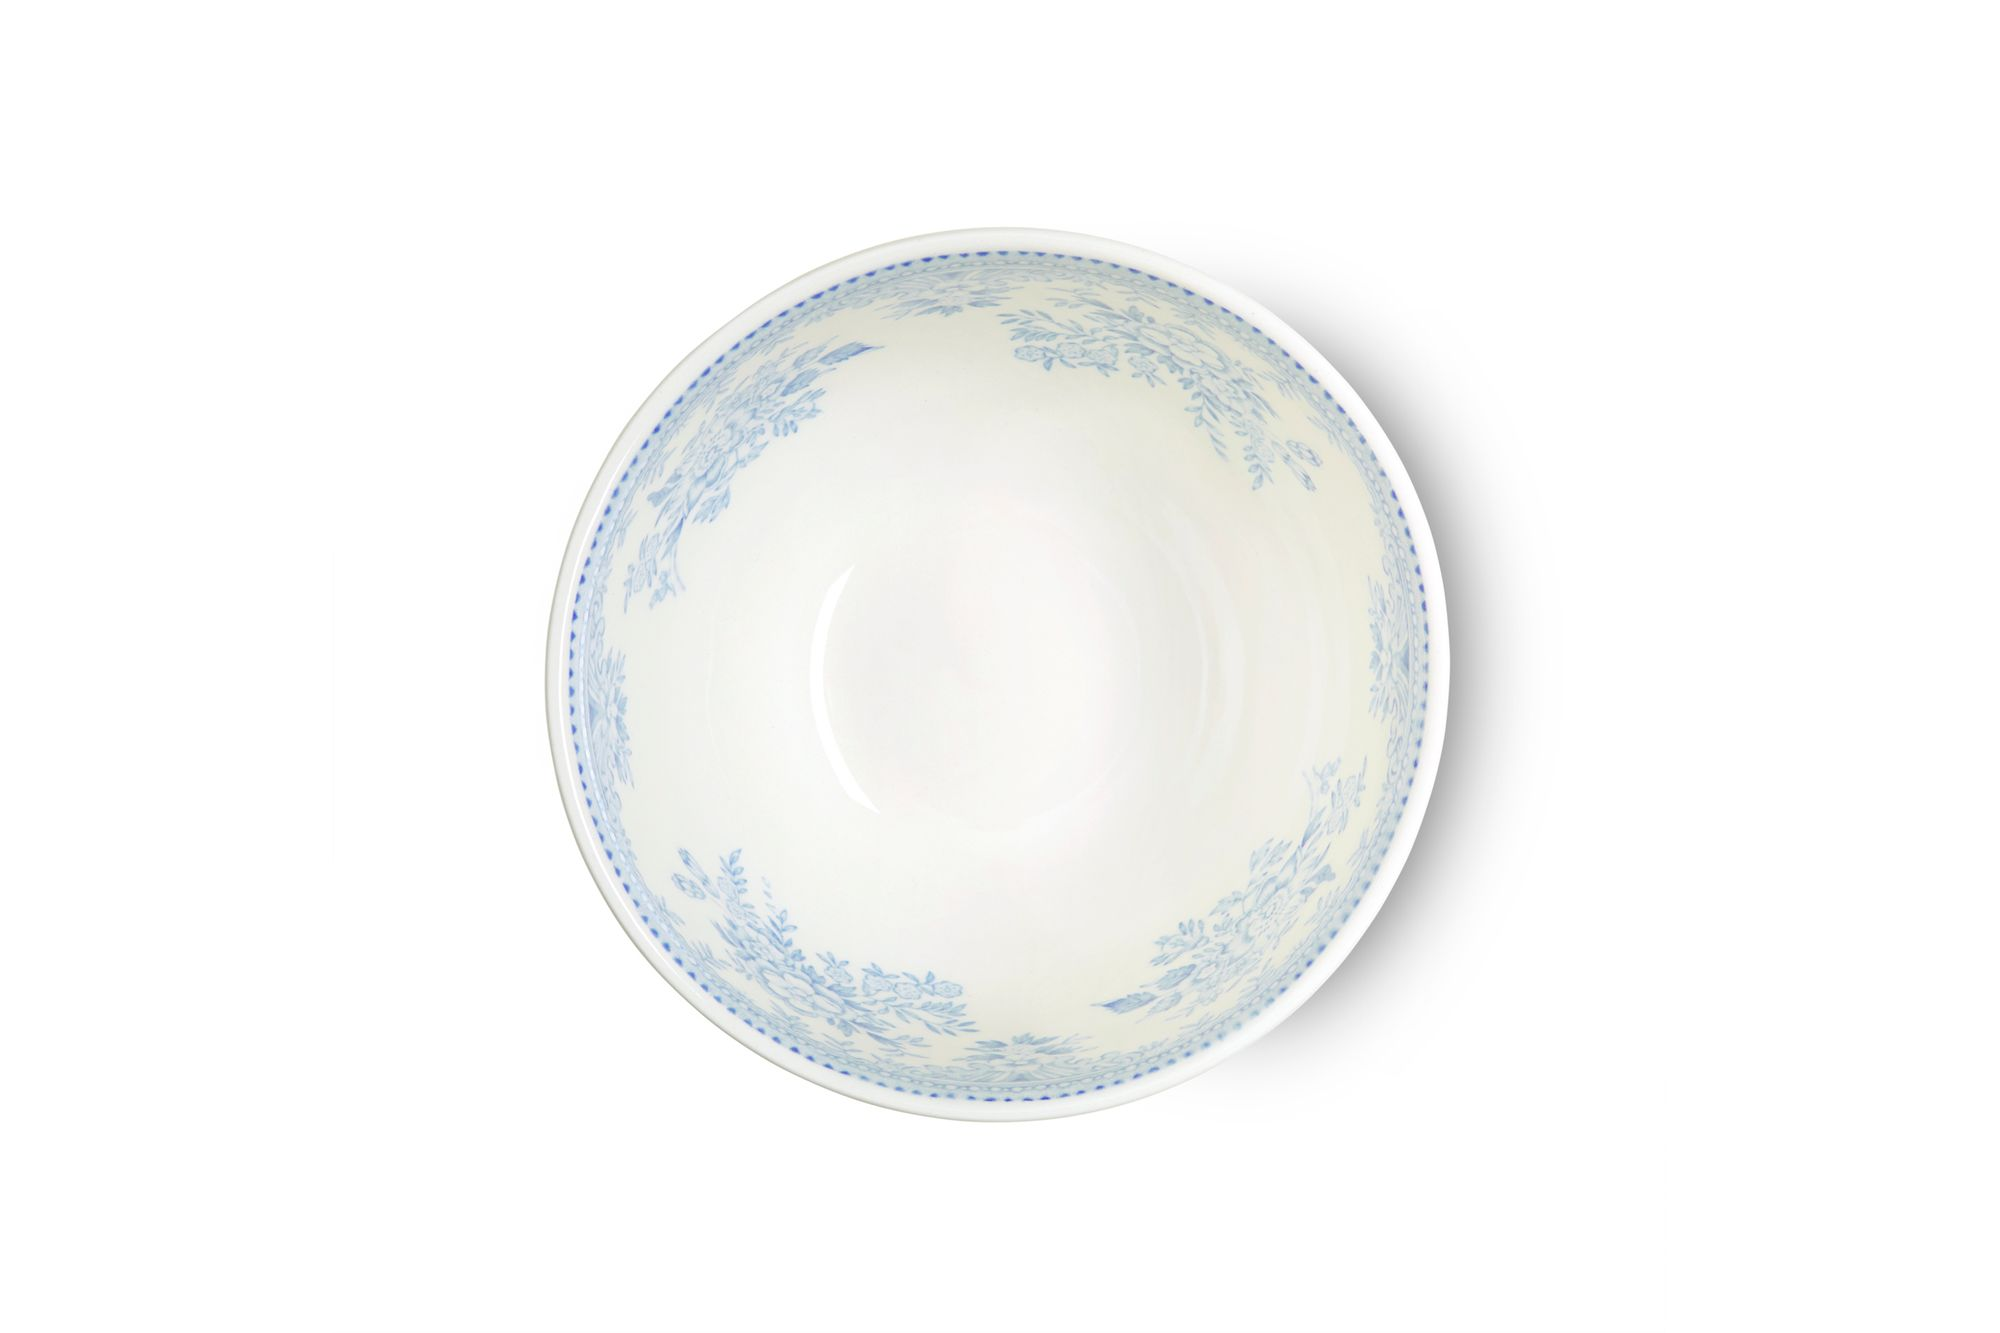 """Burleigh Blue Asiatic Pheasants Sugar Bowl - Open (Tea) 4 3/4"""" thumb 2"""